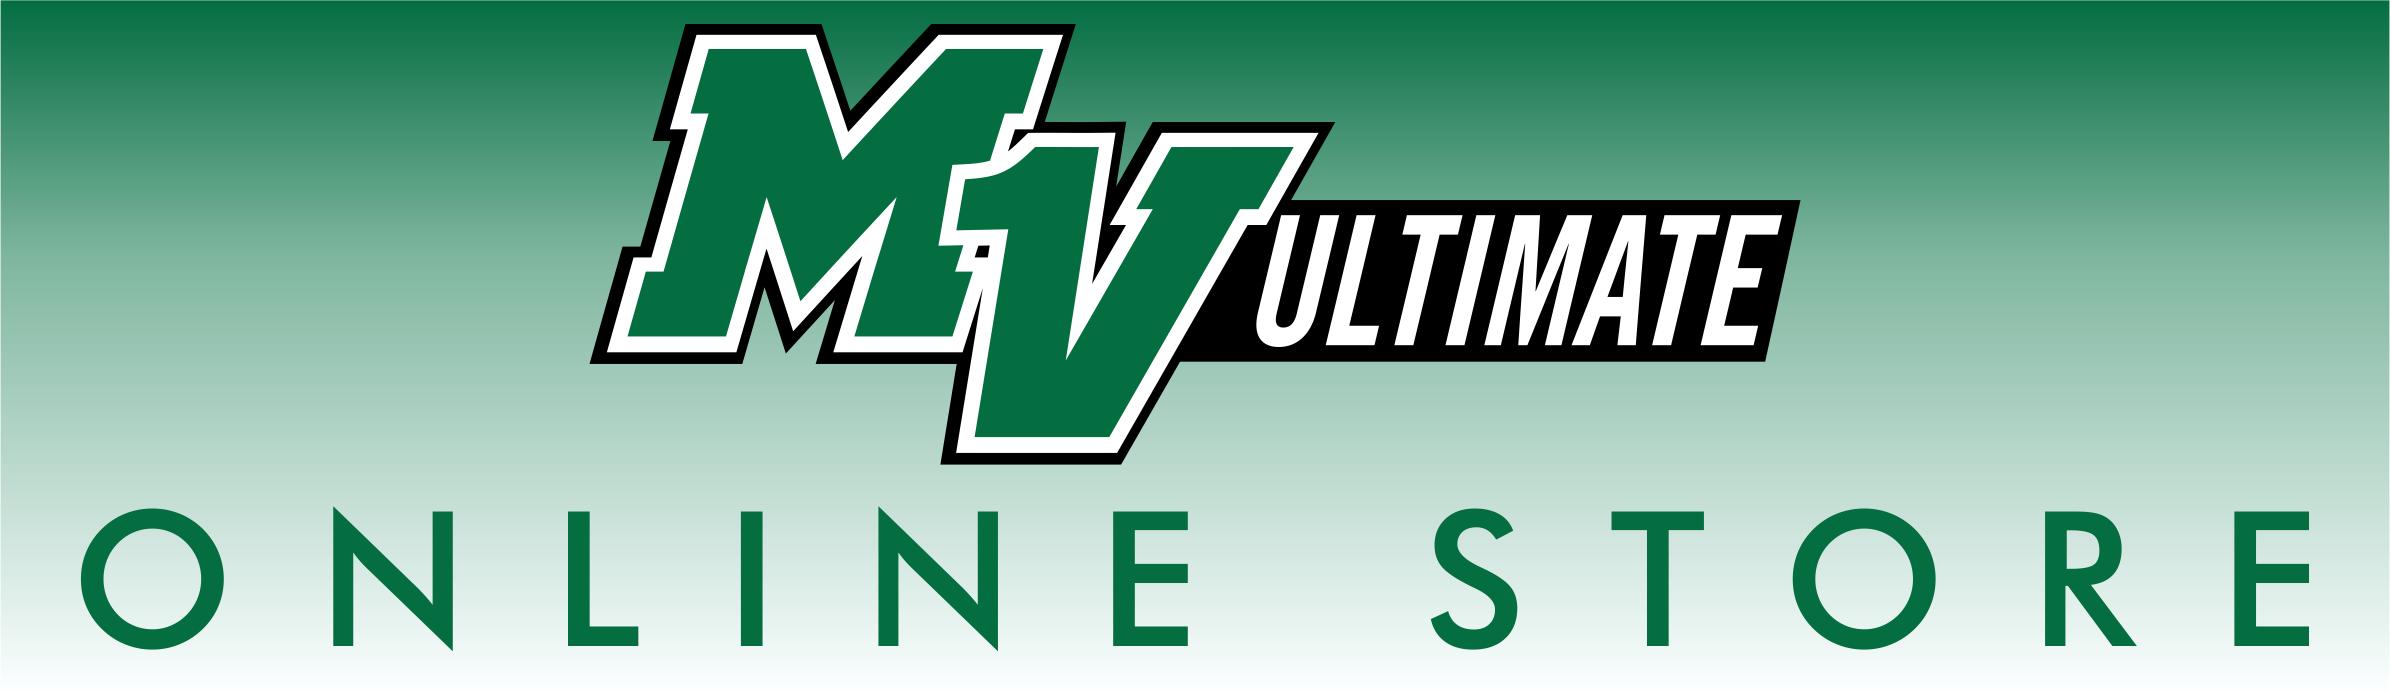 mv-ultimate-banner.png